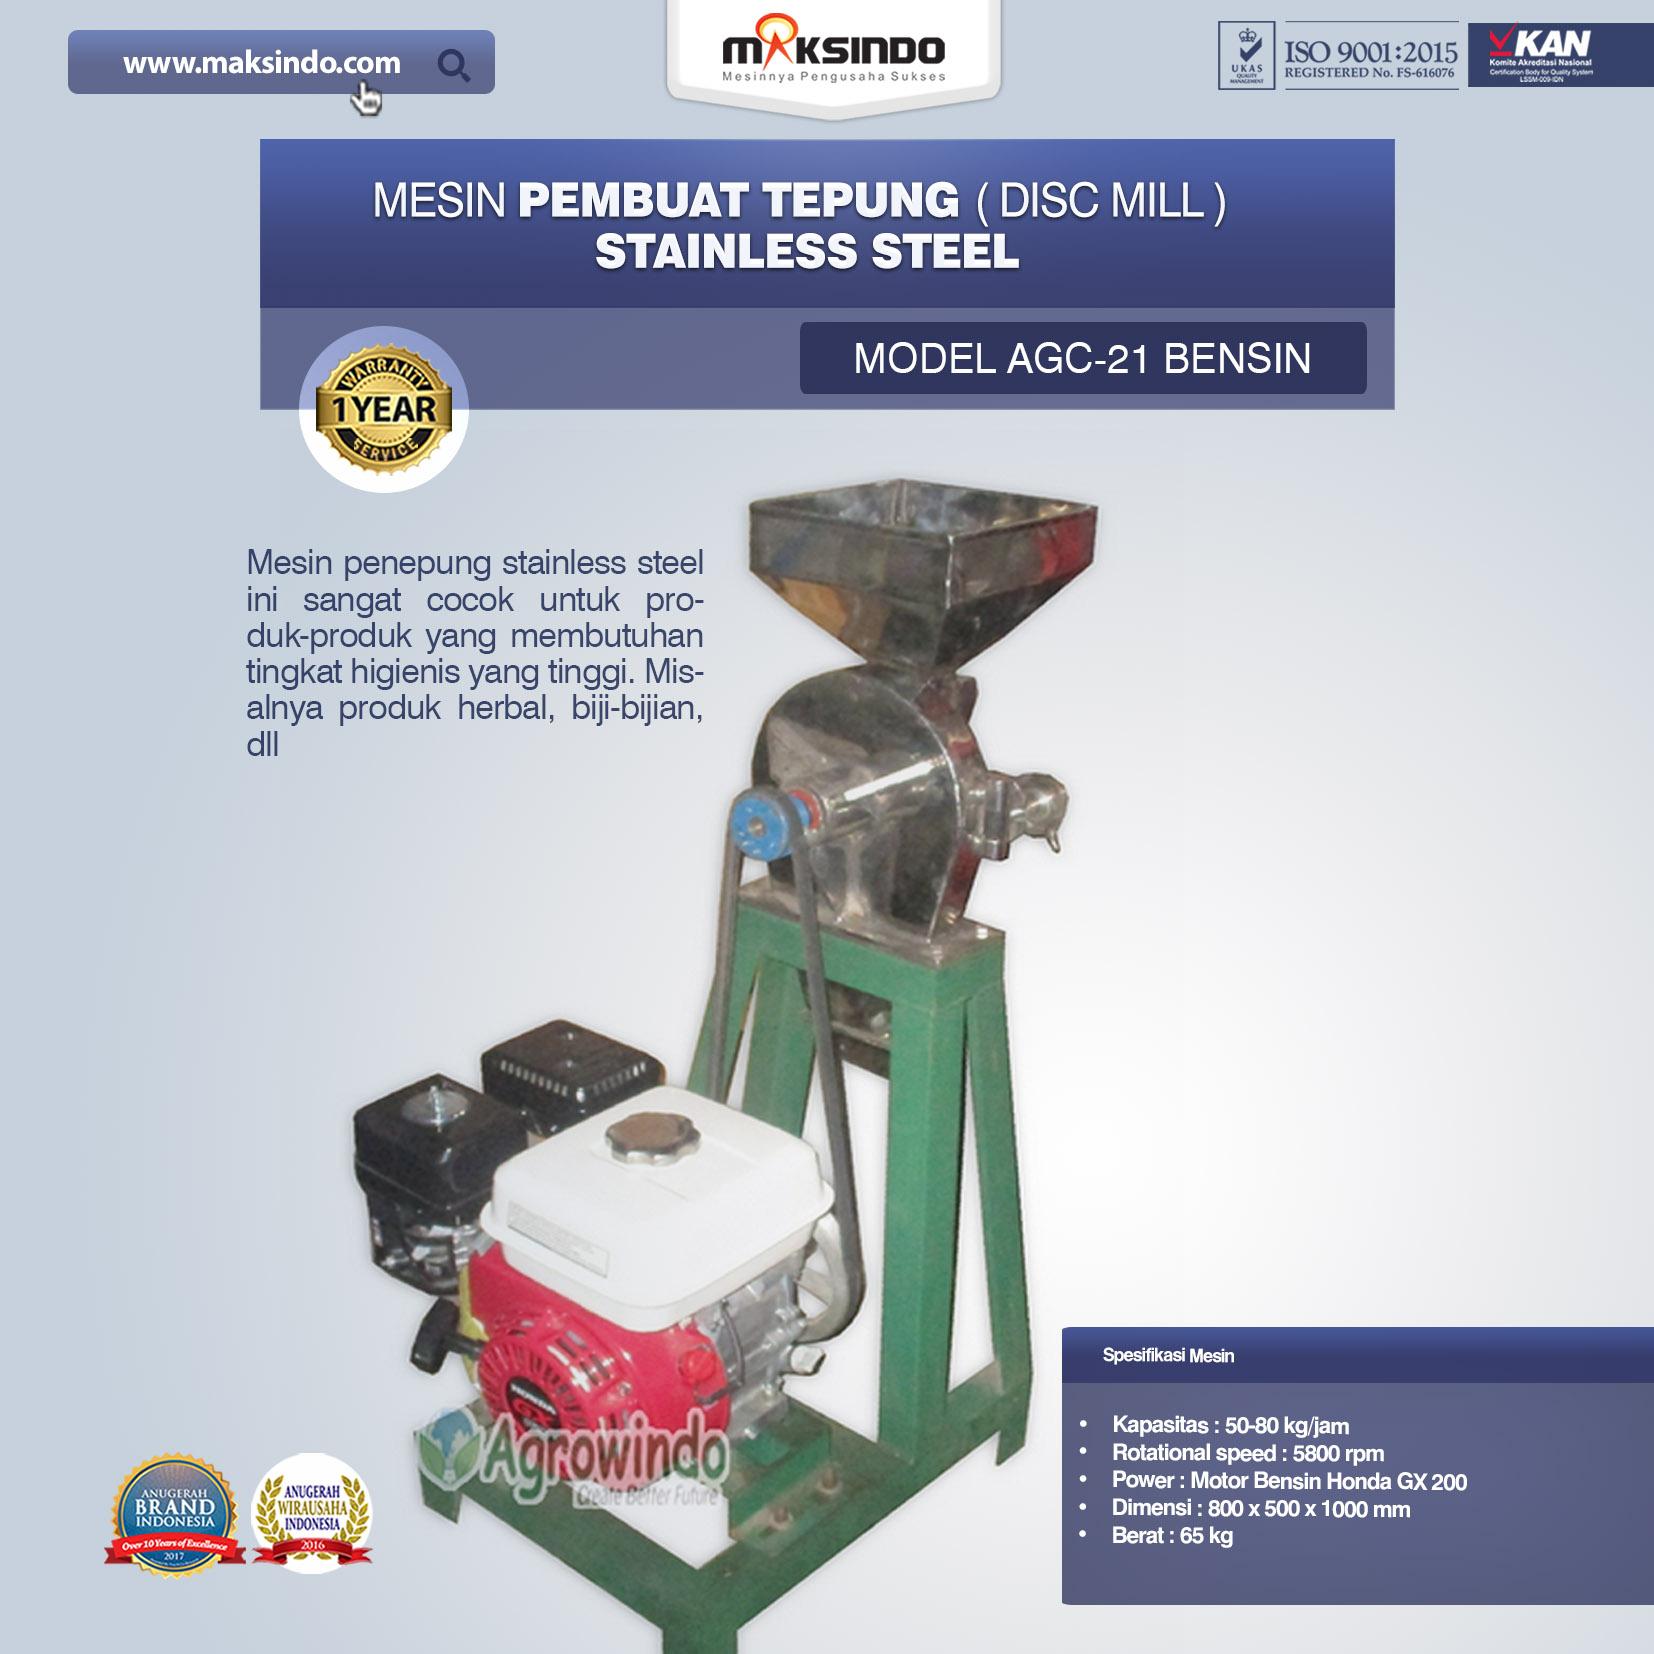 Mesin Penepung Disk Mill Body Stainless Model AGC 21